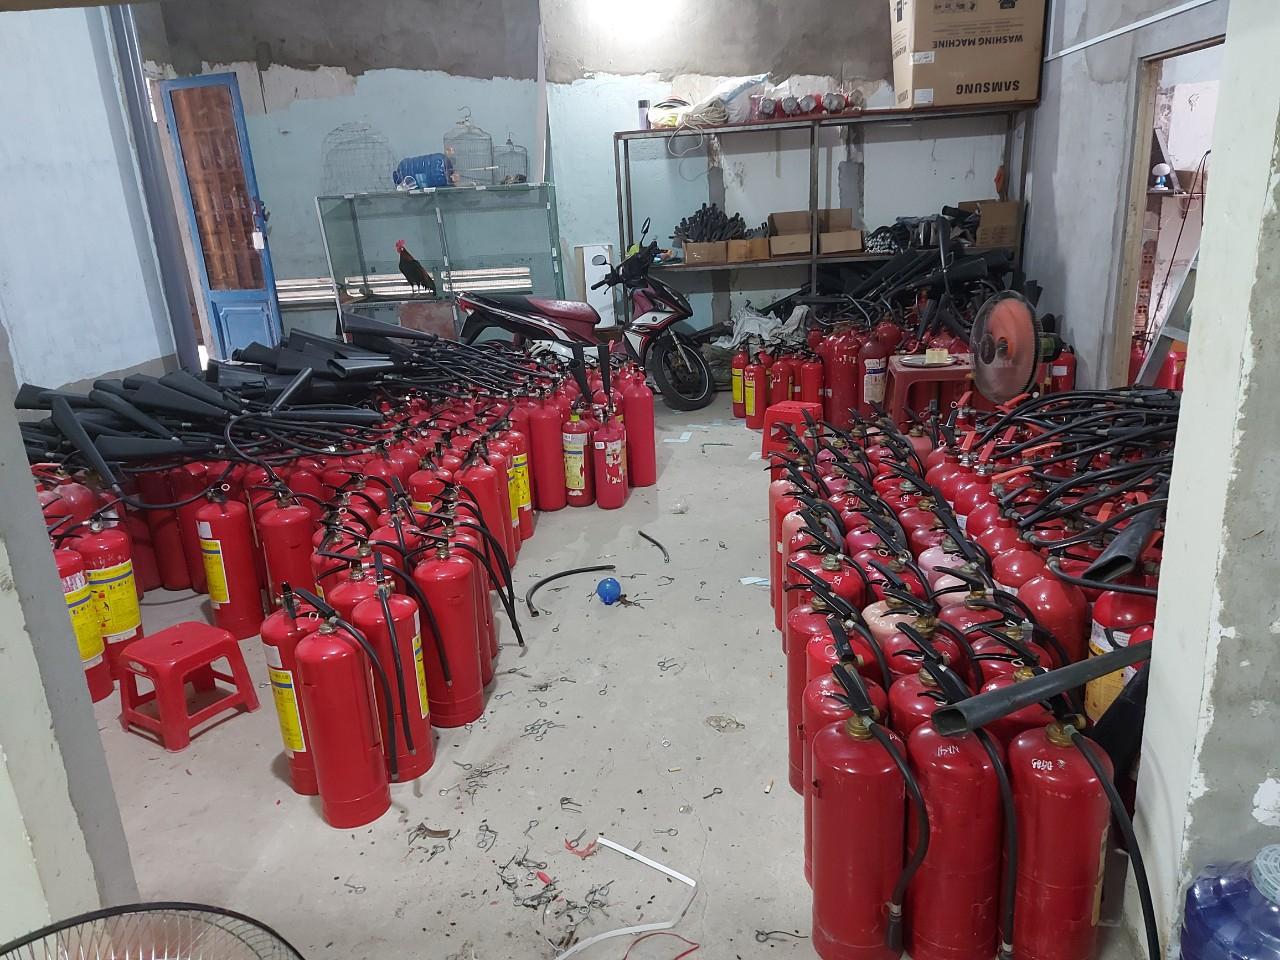 Nạp bình chữa cháy,sạc bình chữa cháy, bơm bình chữa cháy,nạp sạc bình chữa cháy giá rẻ- liên hệ 0909 087 114